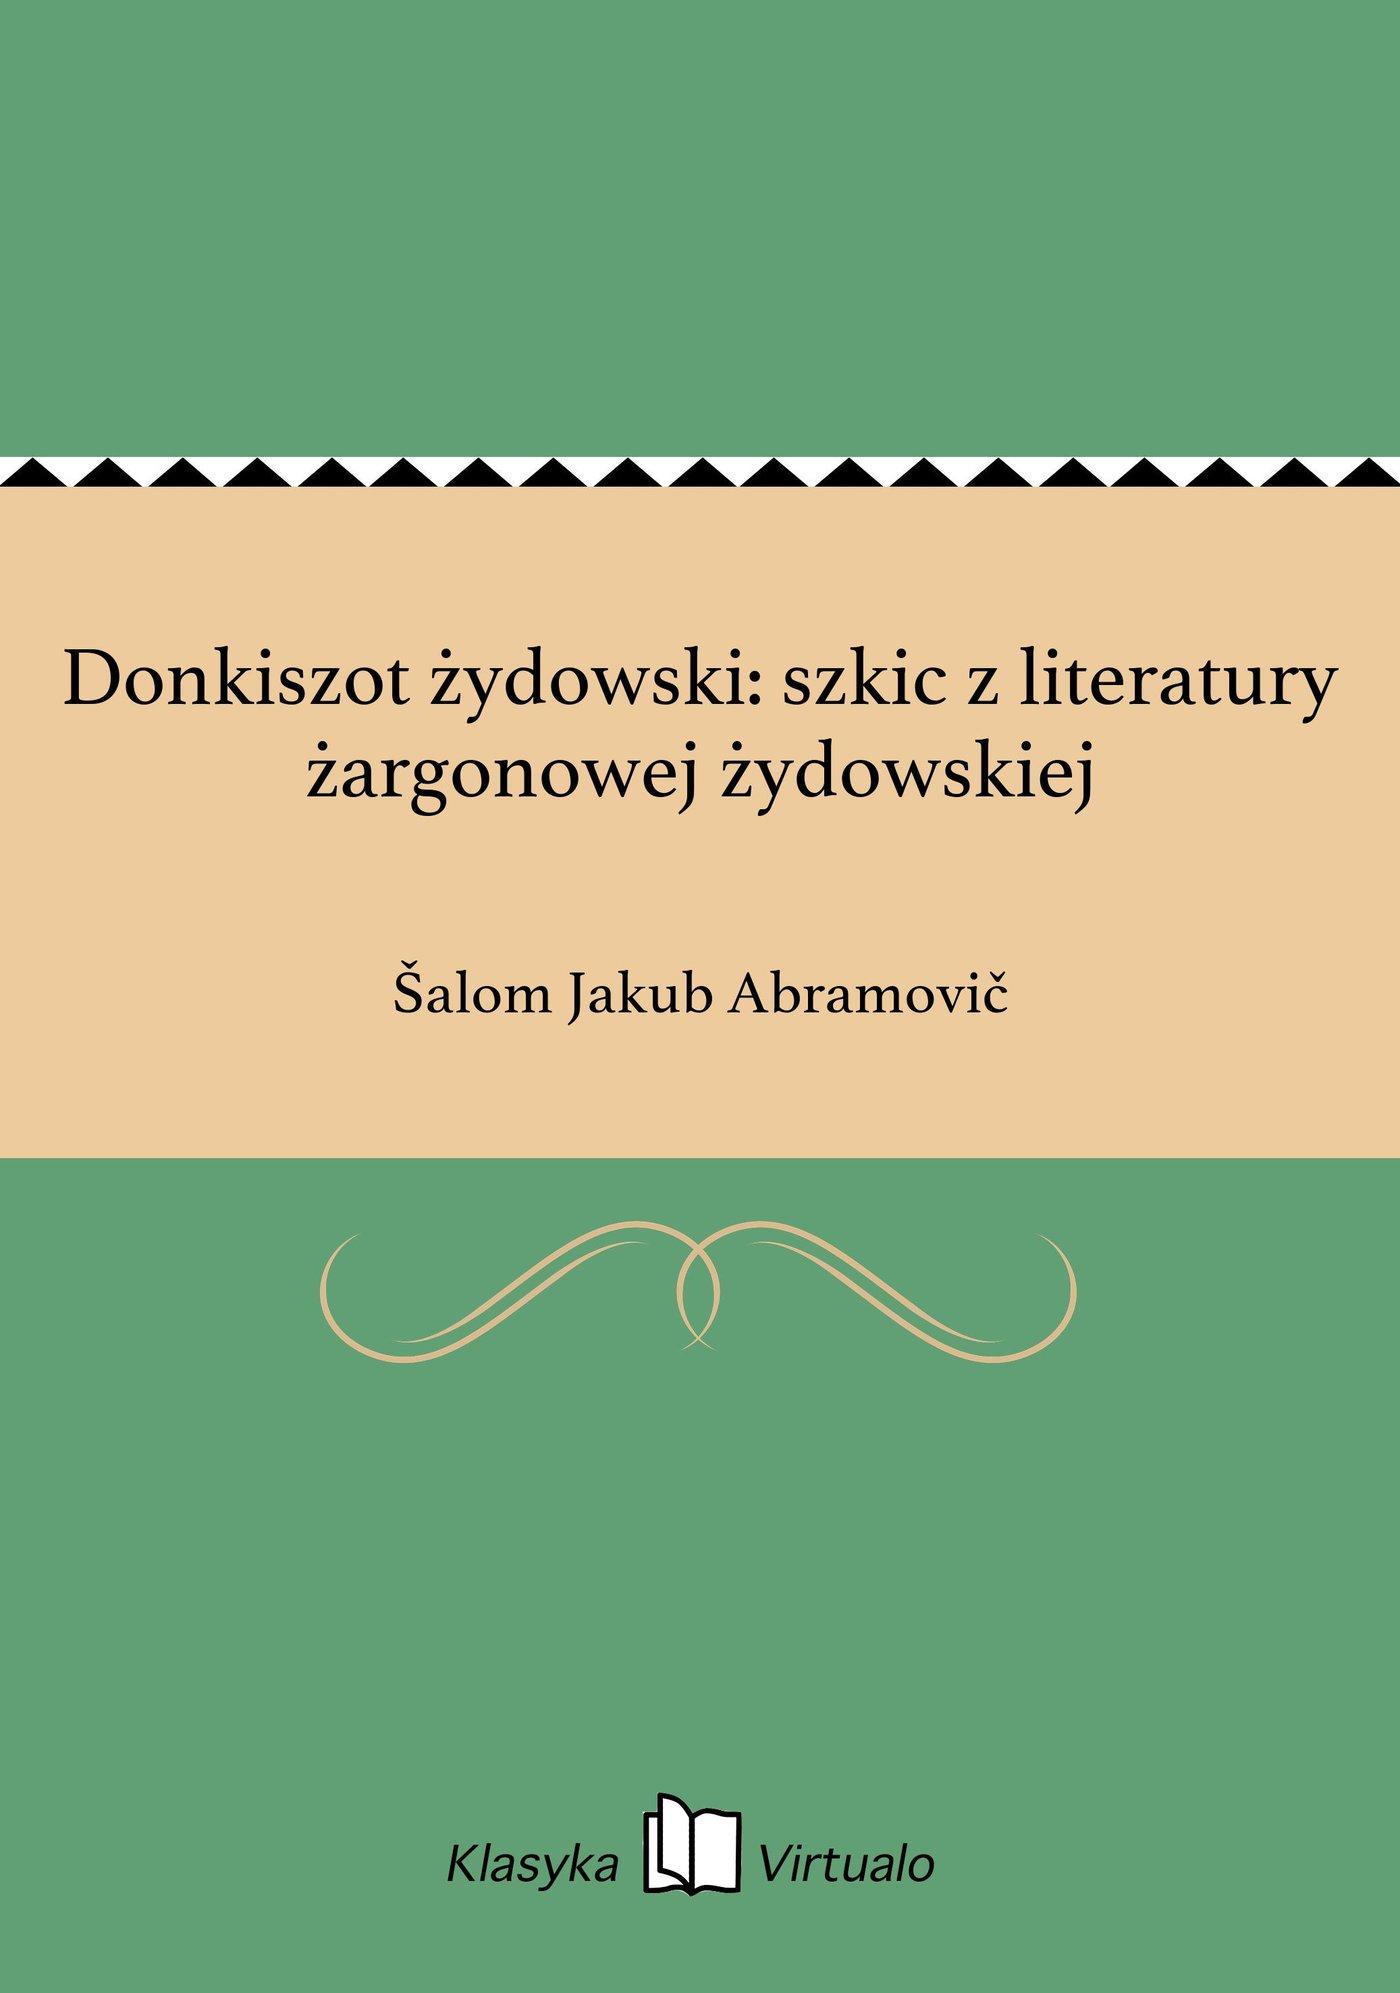 Donkiszot żydowski: szkic z literatury żargonowej żydowskiej - Ebook (Książka EPUB) do pobrania w formacie EPUB